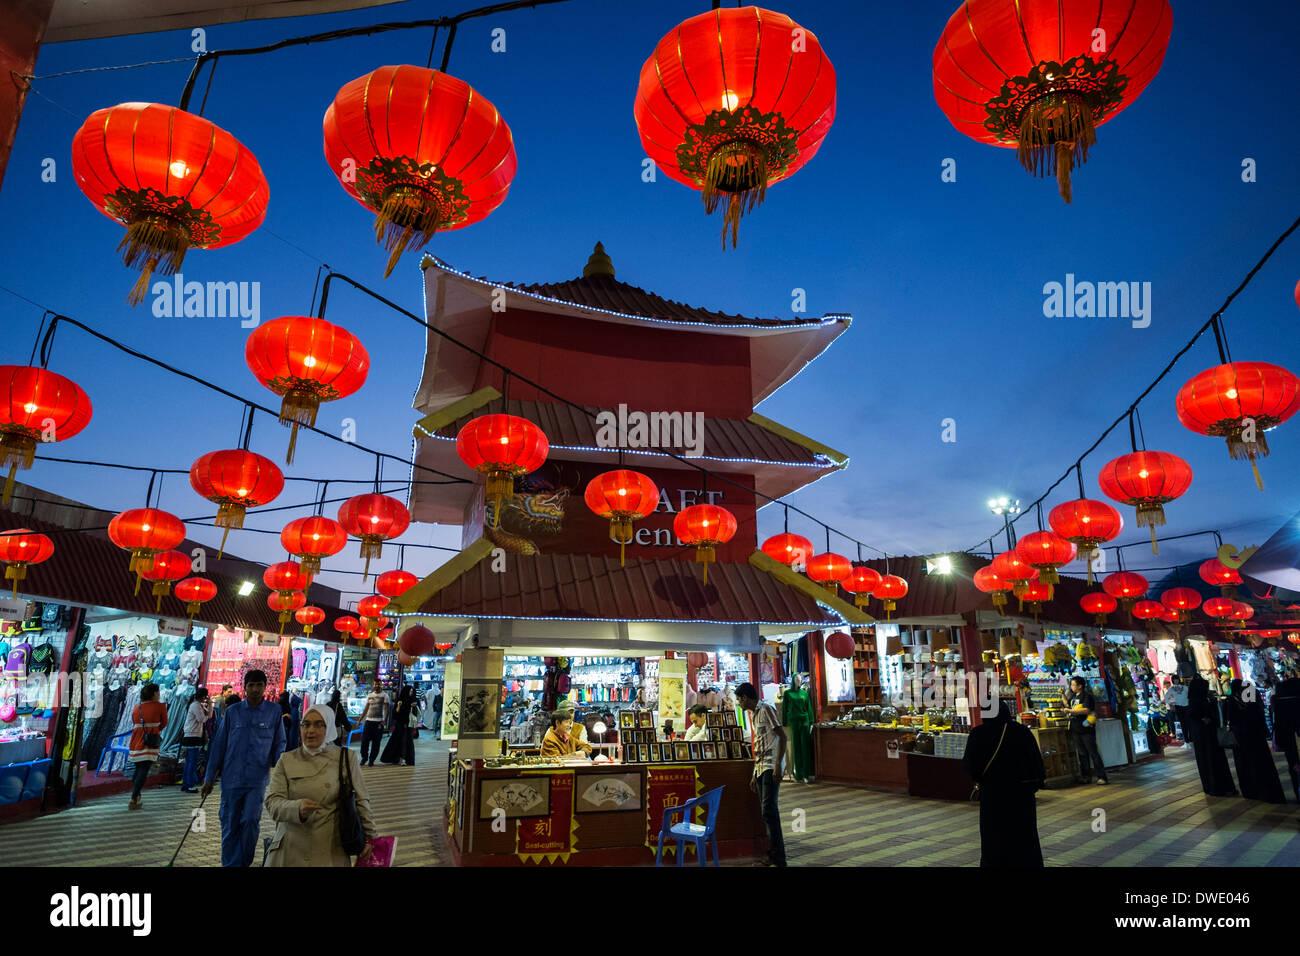 Pavillon de la Chine avec des lampions rouges et commerçant de Global Village tourist attraction culturelle au Dubaï Émirats Arabes Unis Photo Stock